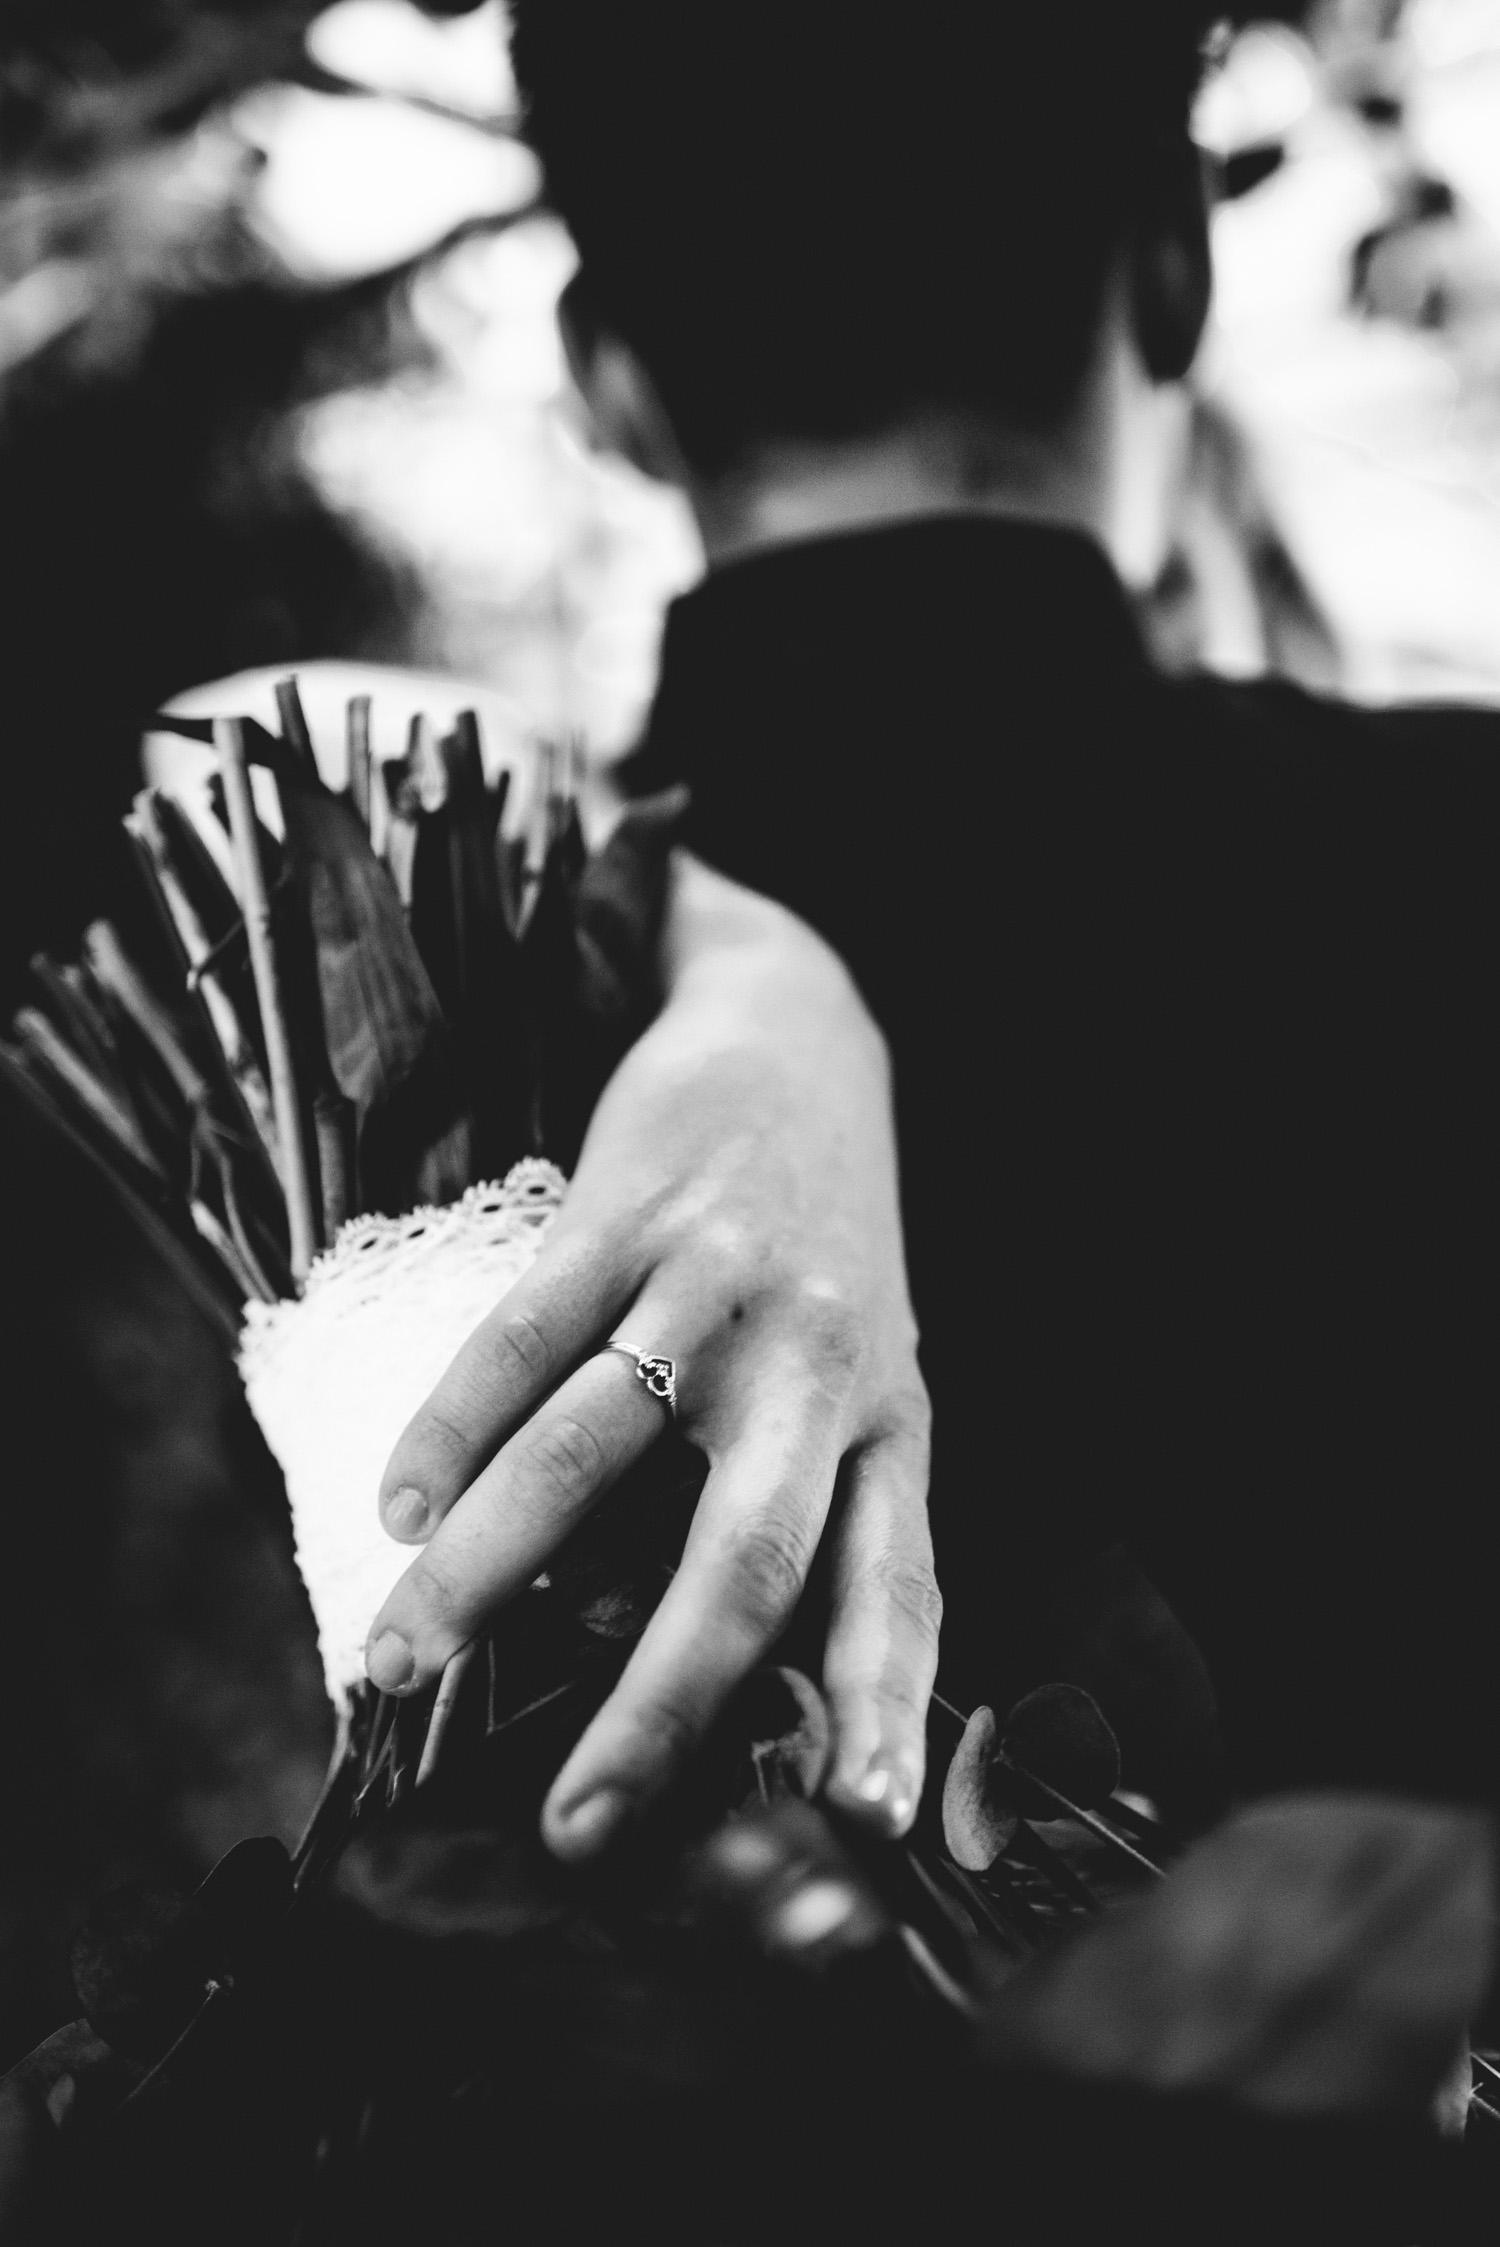 Detailfoto eines herzförmigen Eherings und einem Brautstrauß.